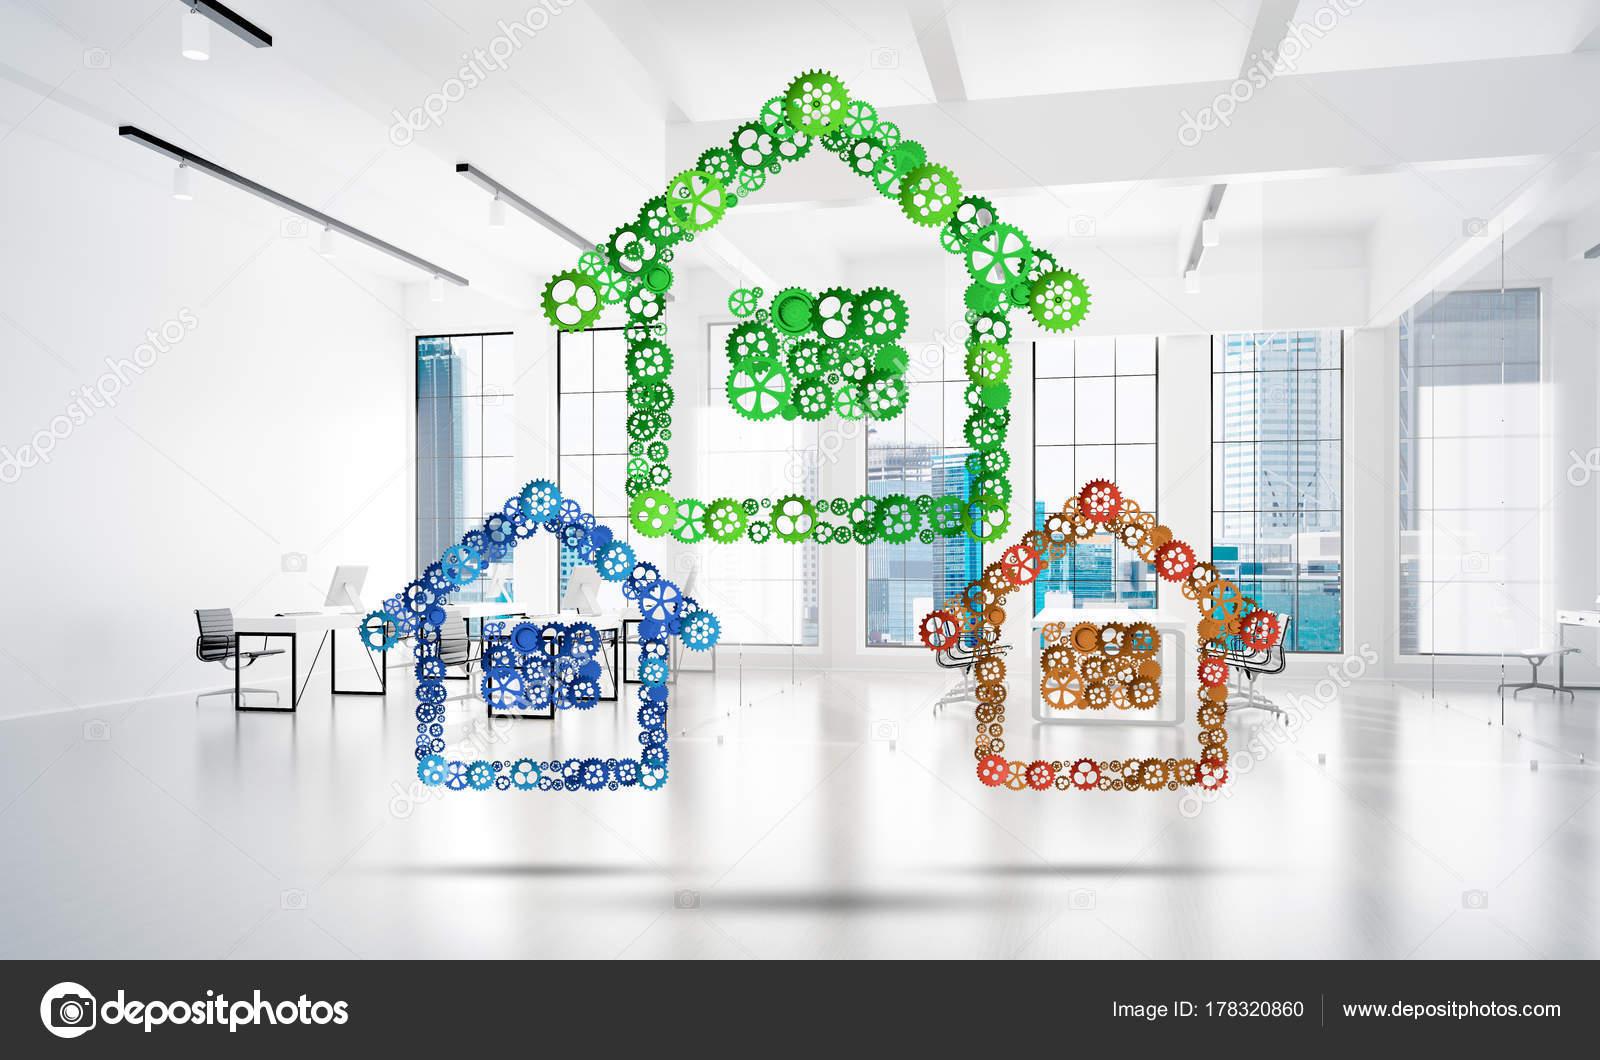 Ufficio Casa Immobiliare : Segni casa collegato ingranaggi sfondo bianco ufficio immobiliare